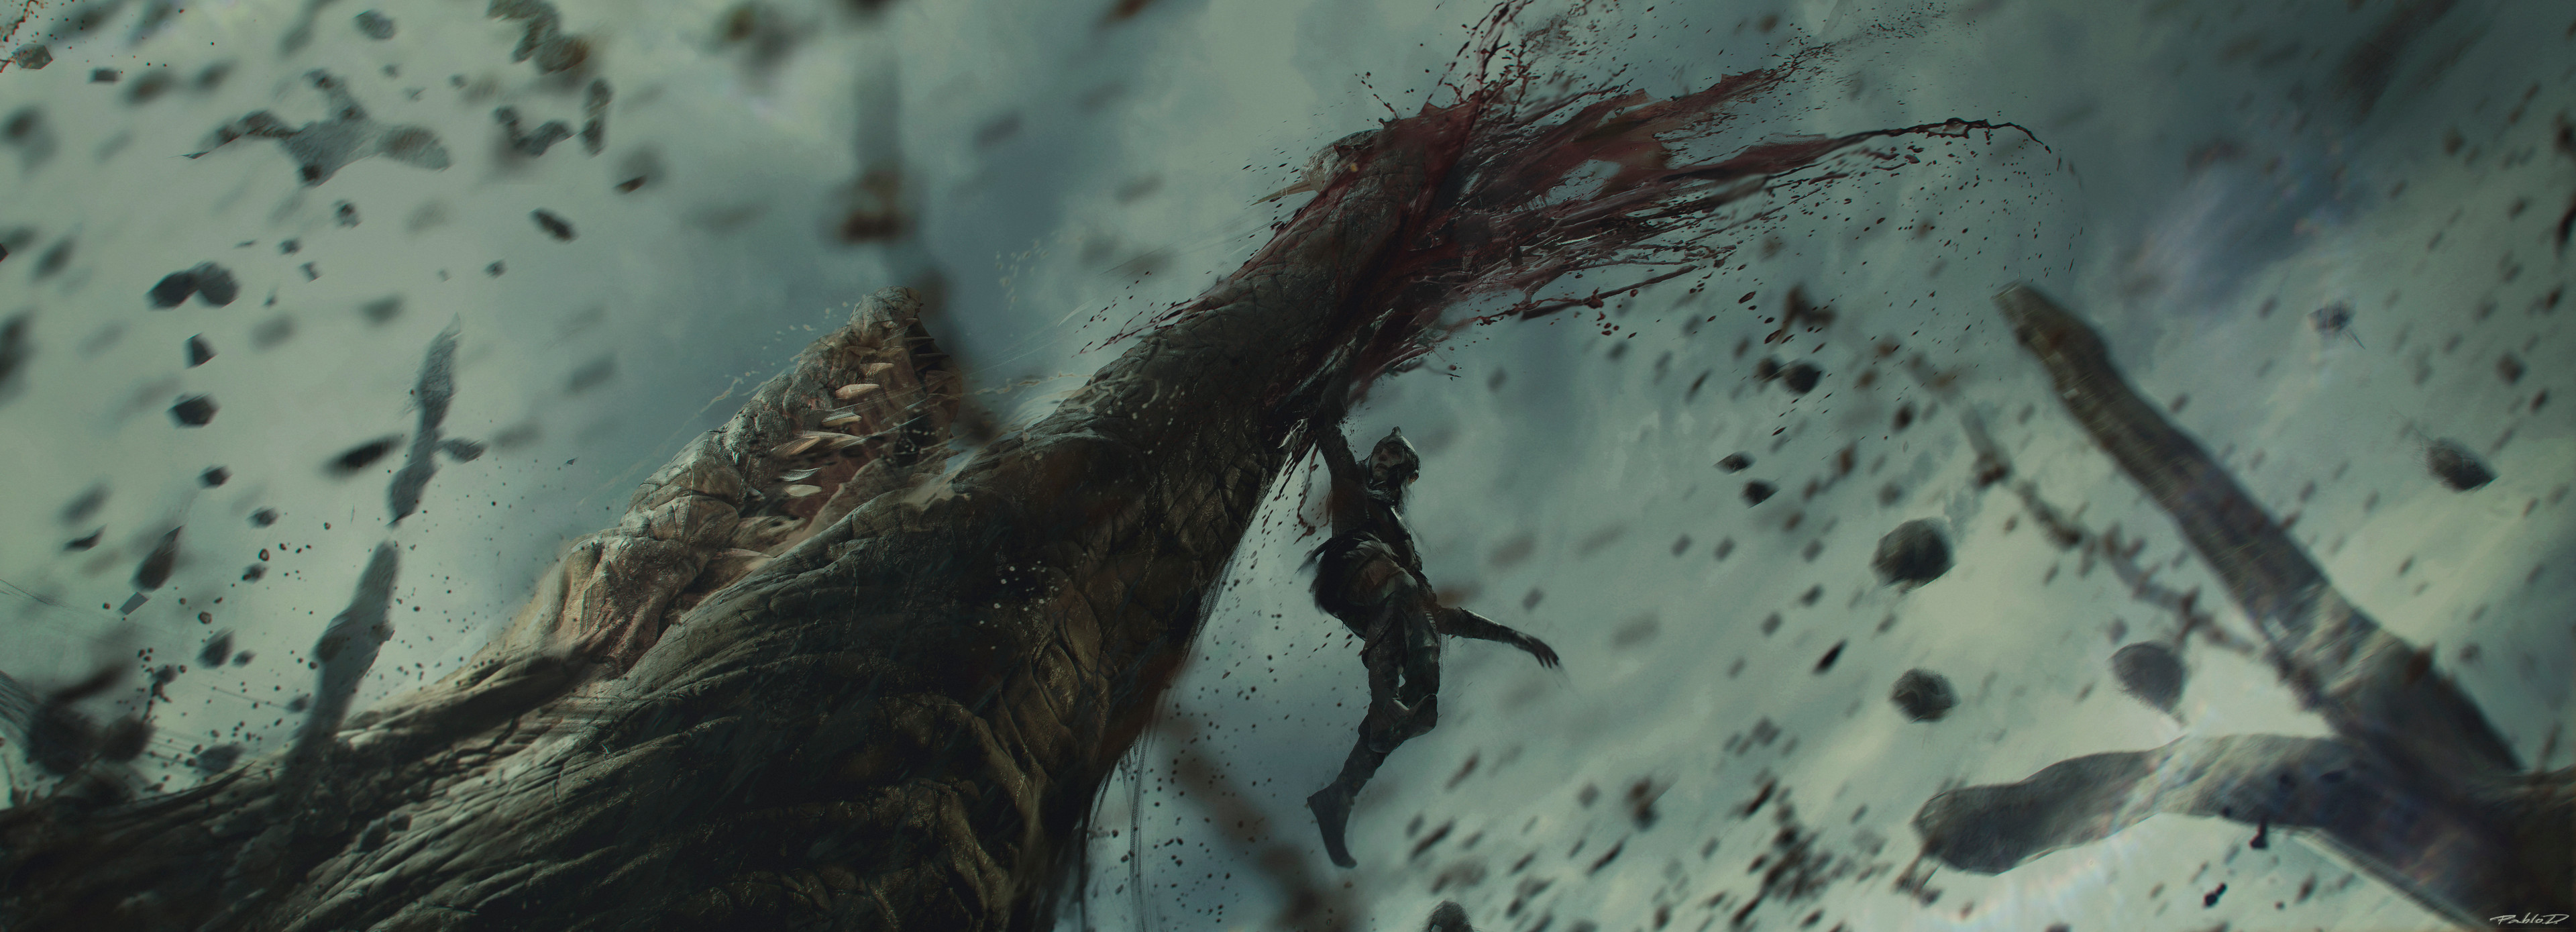 pablo-dominguez-dragonscene-scene13-v001.jpg